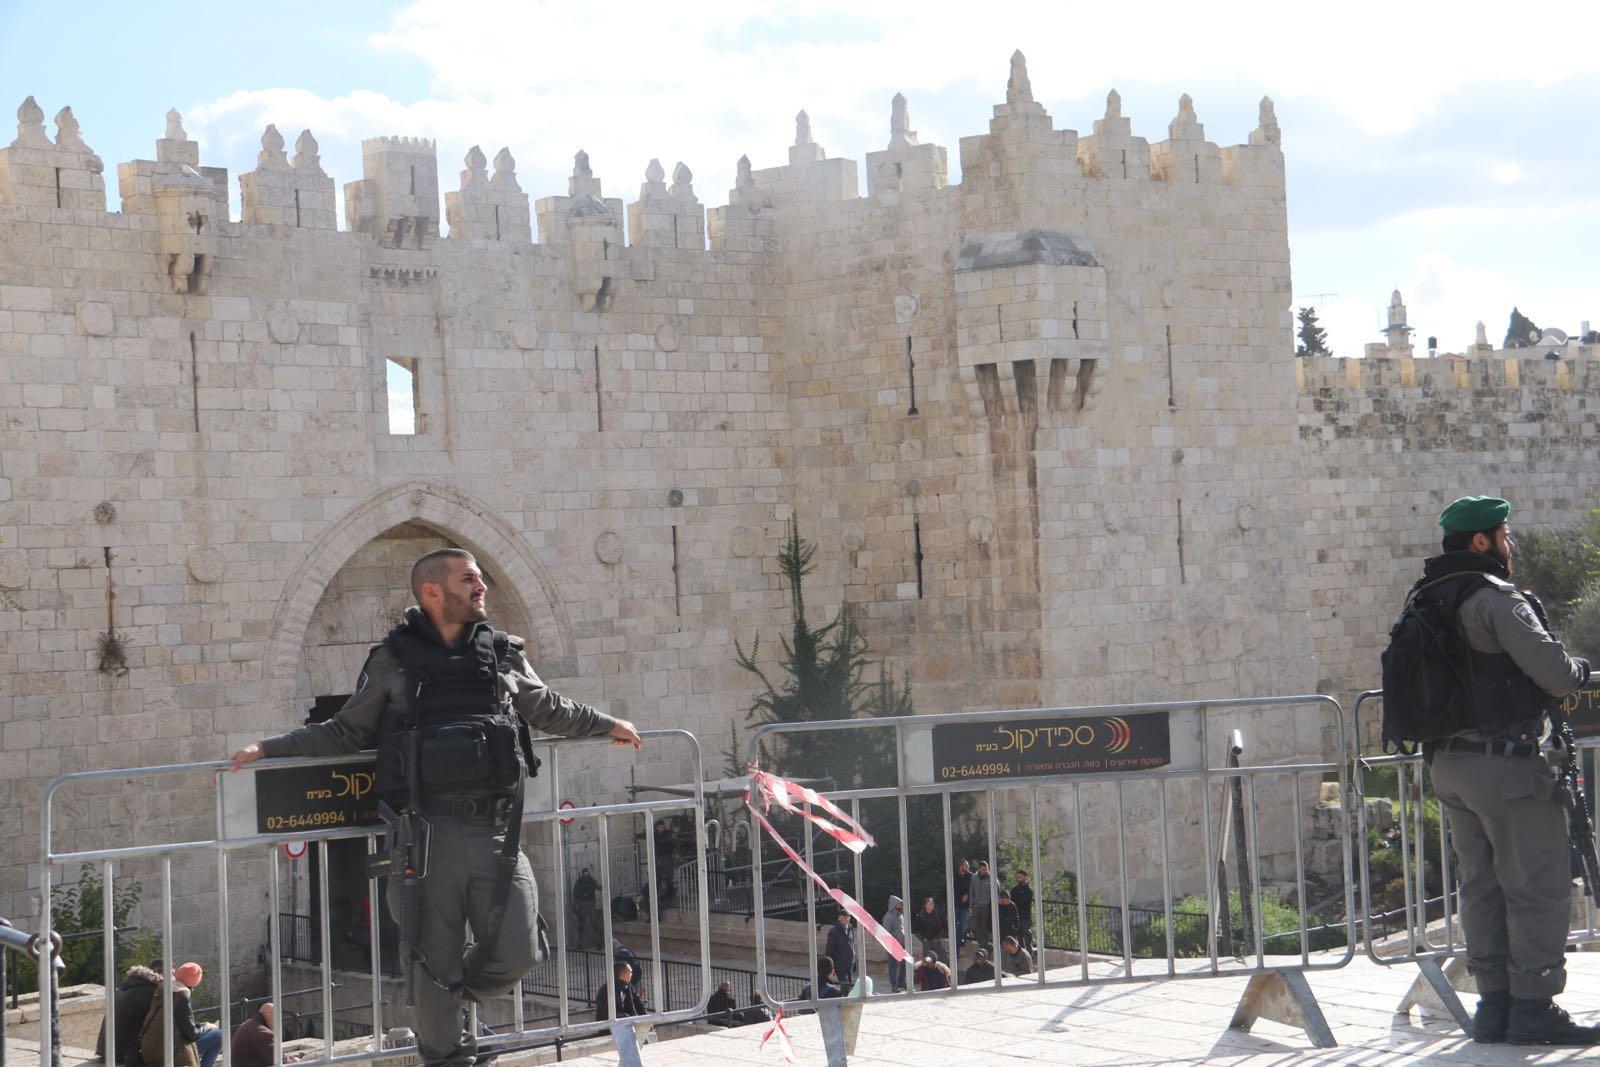 الكسواني: القدس عاصمة فلسطين والمستعمر إلى زوال